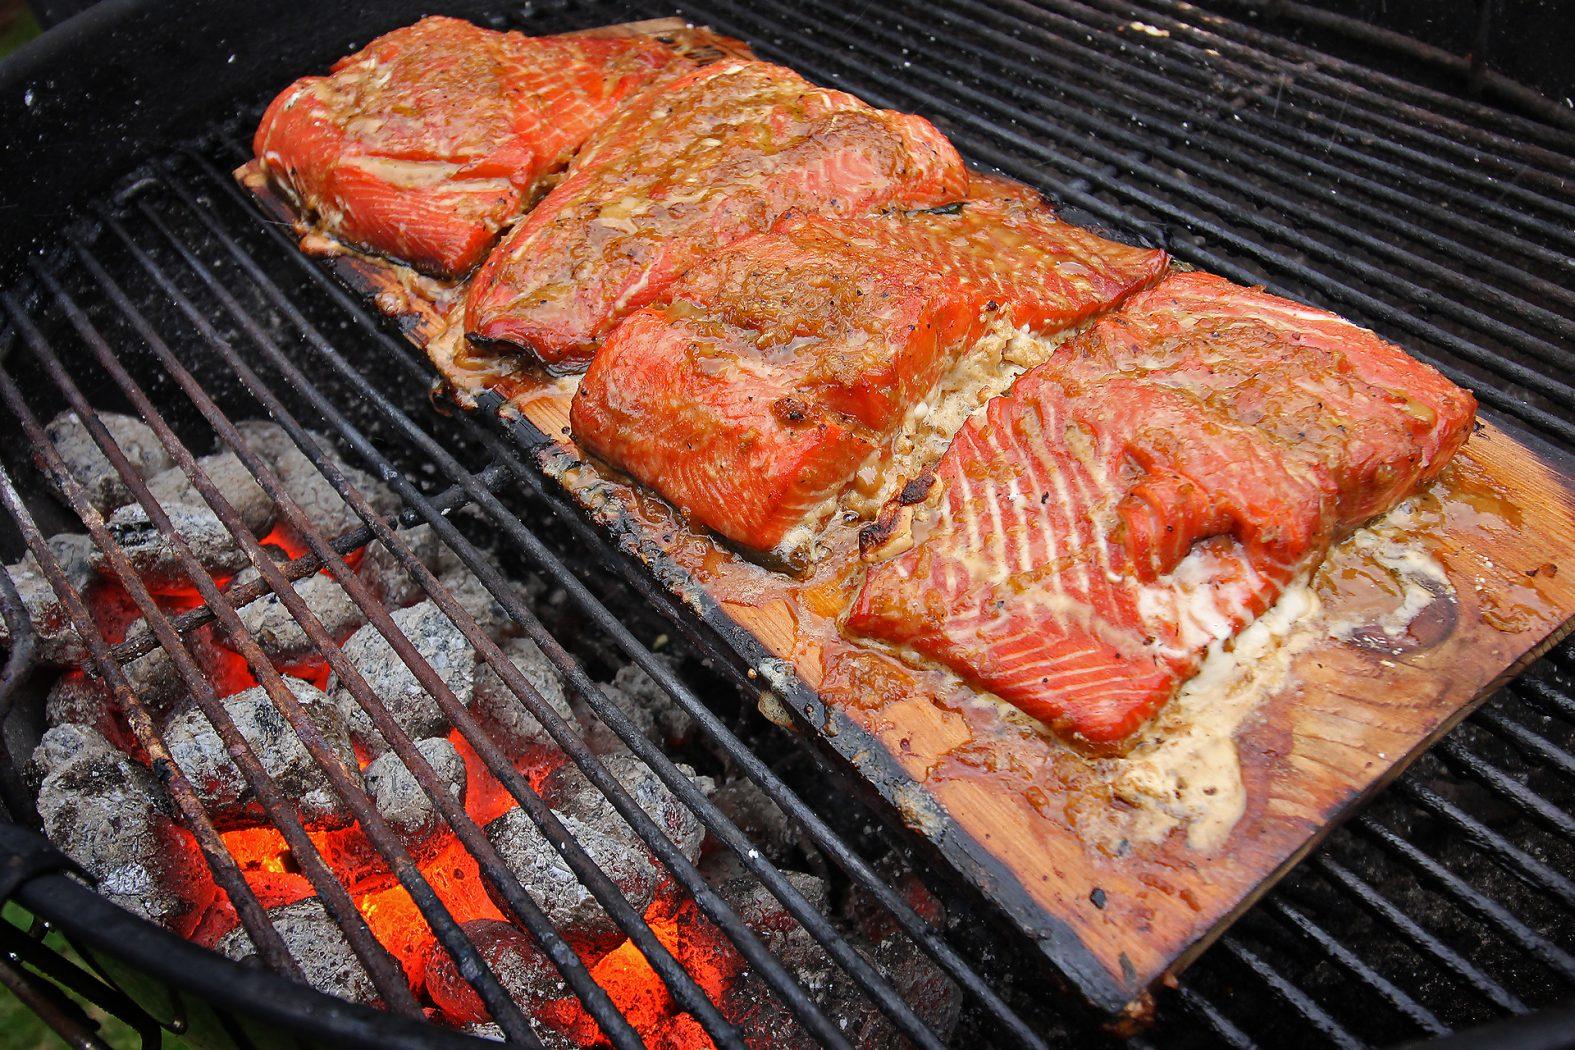 Rösle Gasgrill Buddy G40 2000w : Fisch grillen am gasgriller forelle grillen schritt für schritt